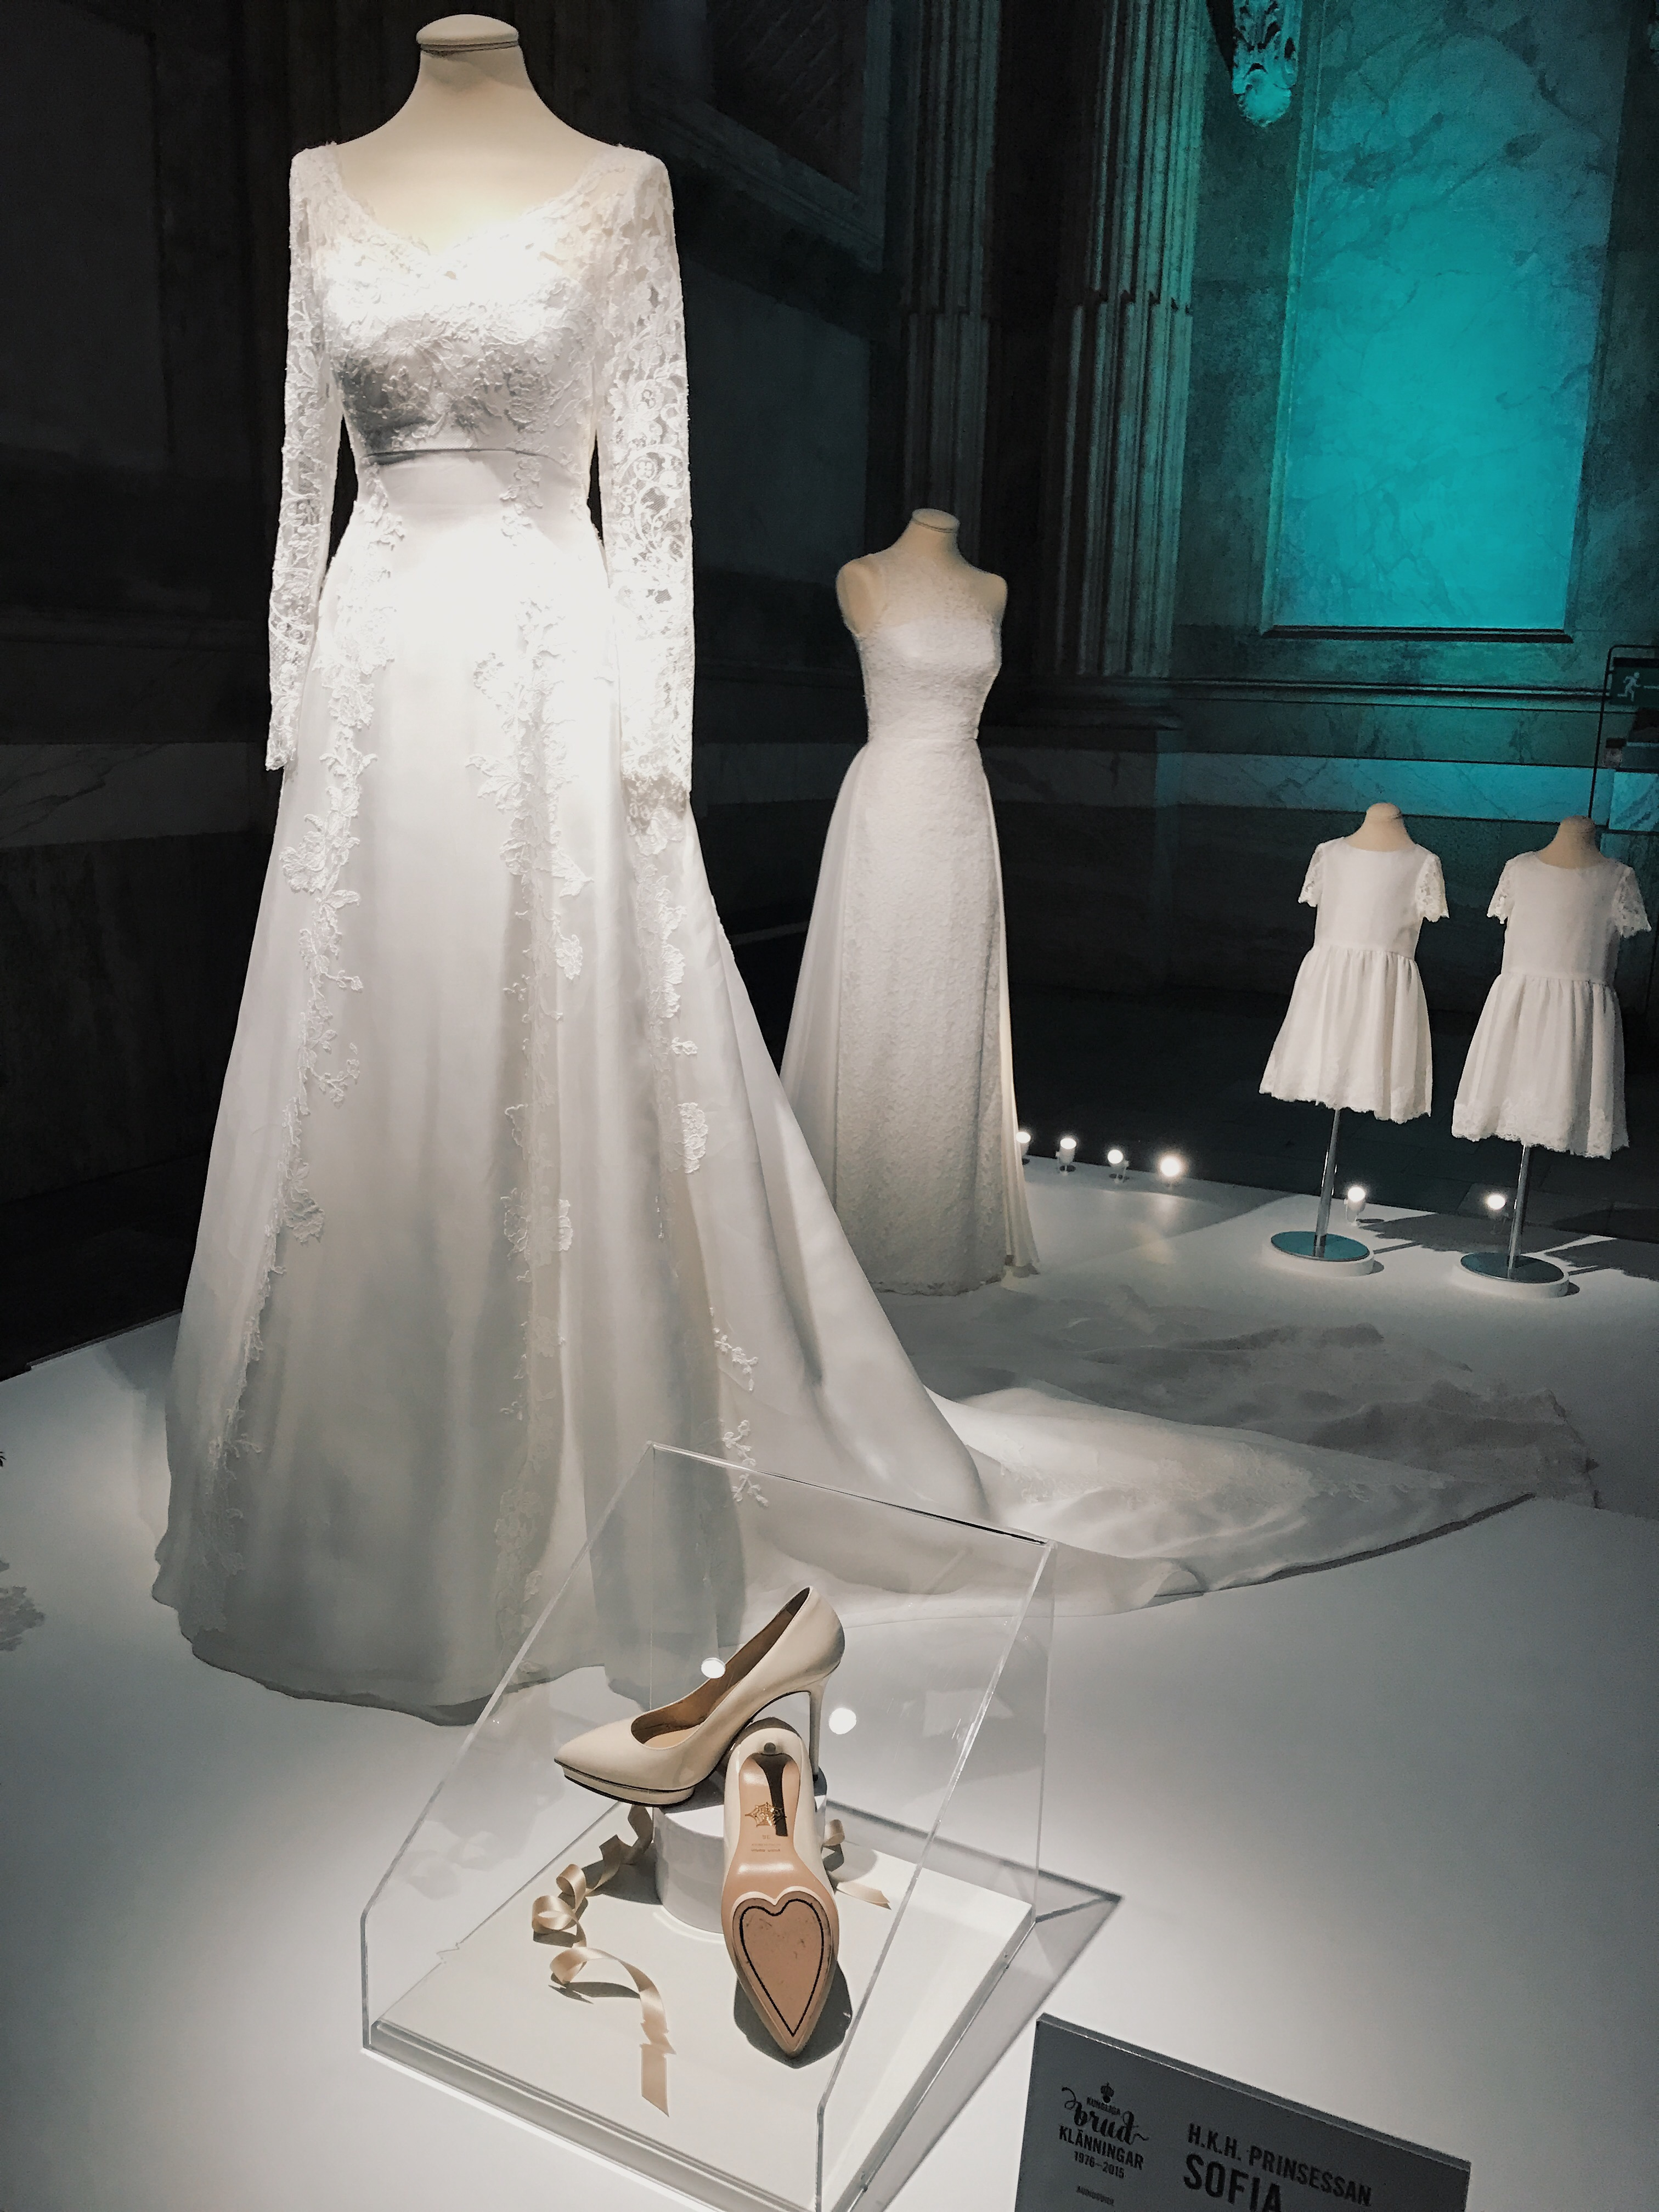 1868ee5fa8a2 Målet var att besöka utställningen Kungliga brudklänningar på Stockholms  slott. Härligt att titta på lite fina, välsydda klänningar såhär en grå  lördag i ...